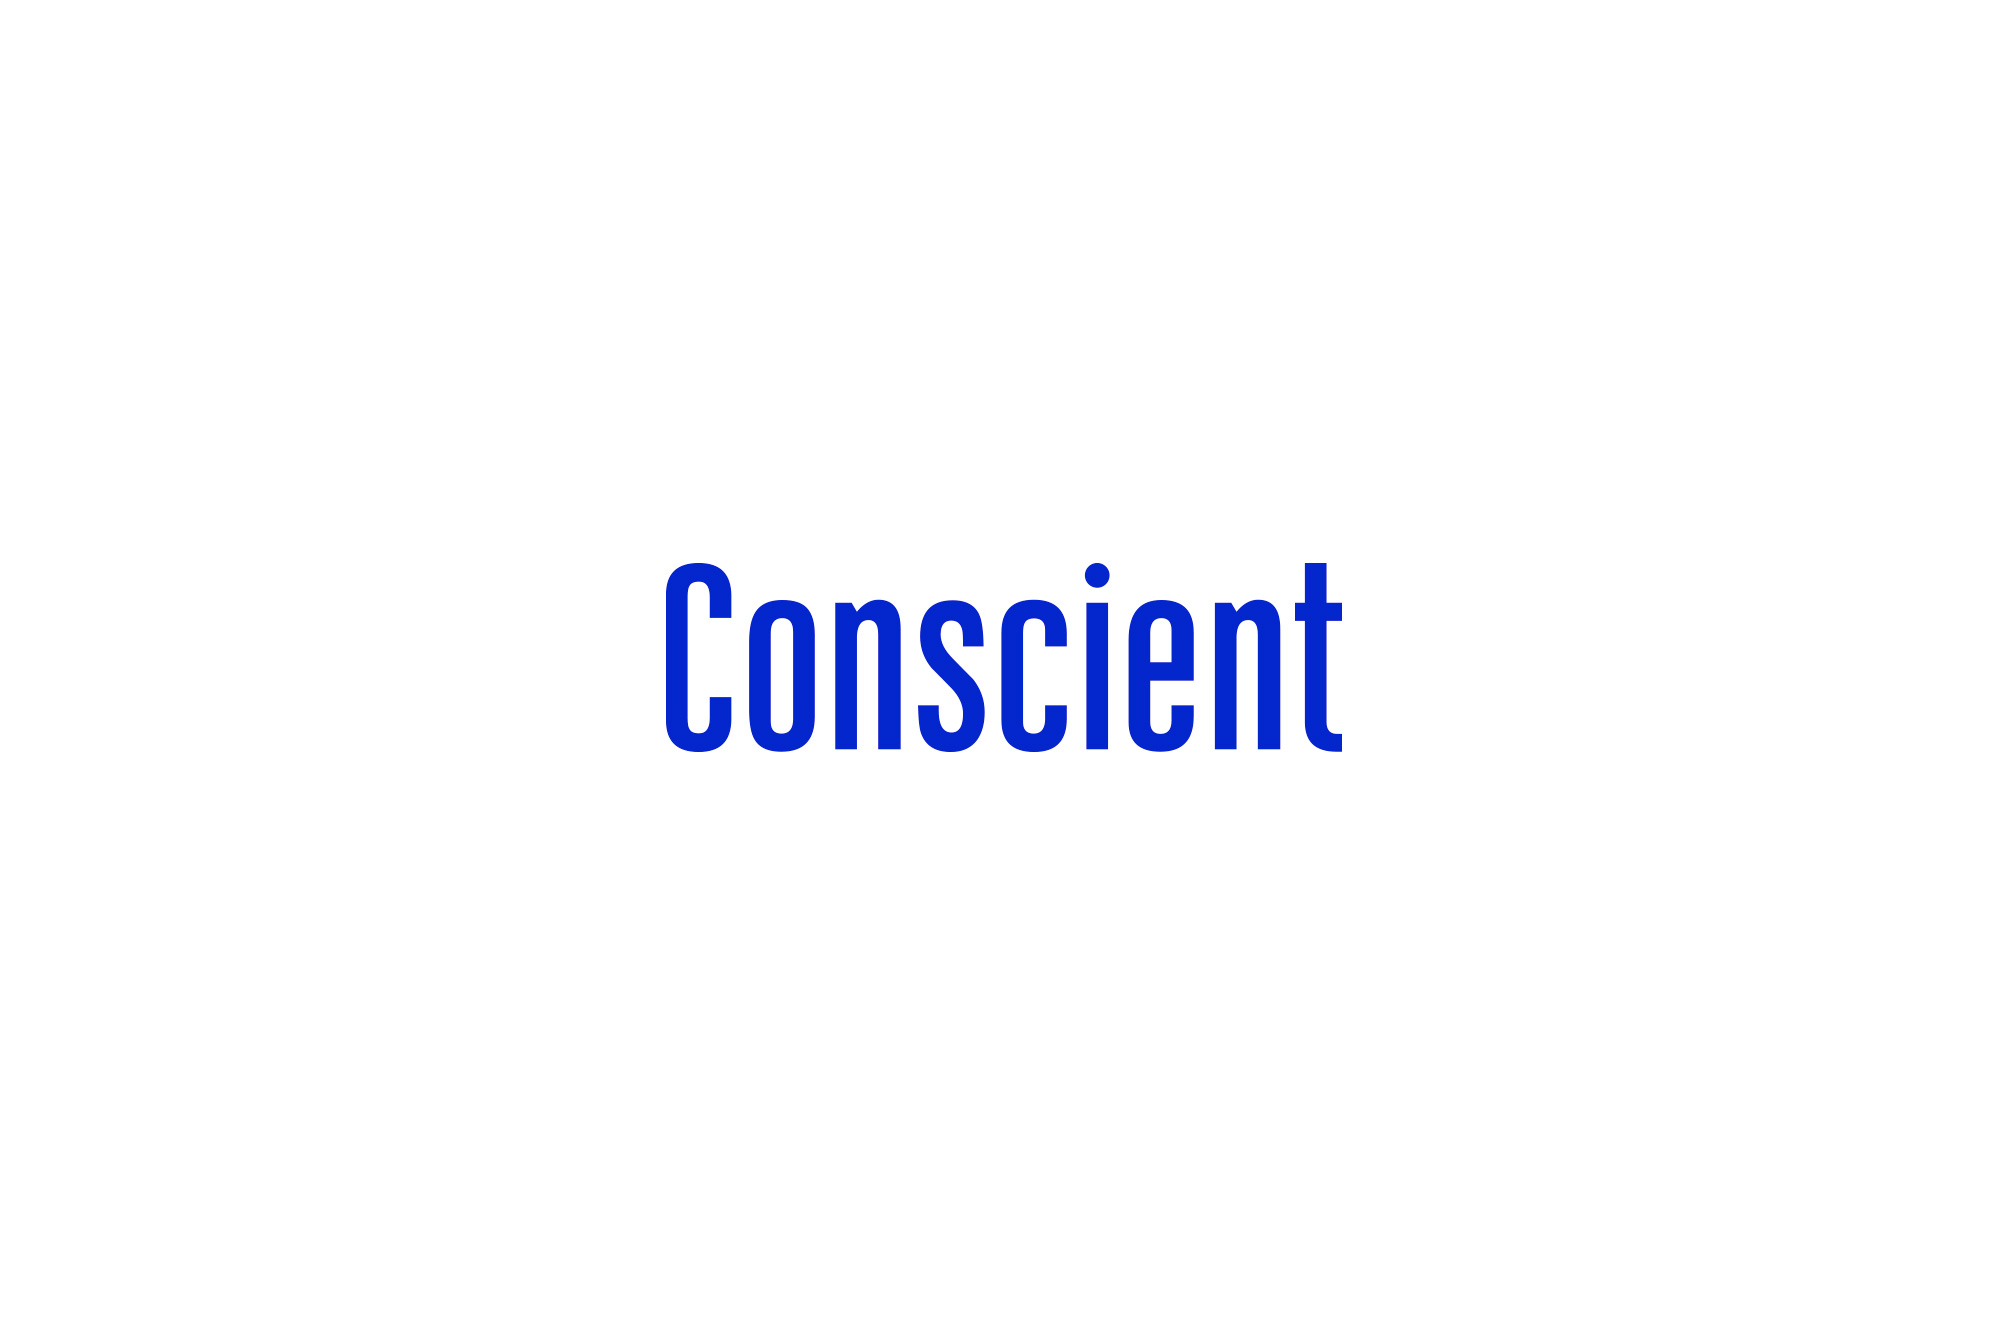 Conscient Logo in blue